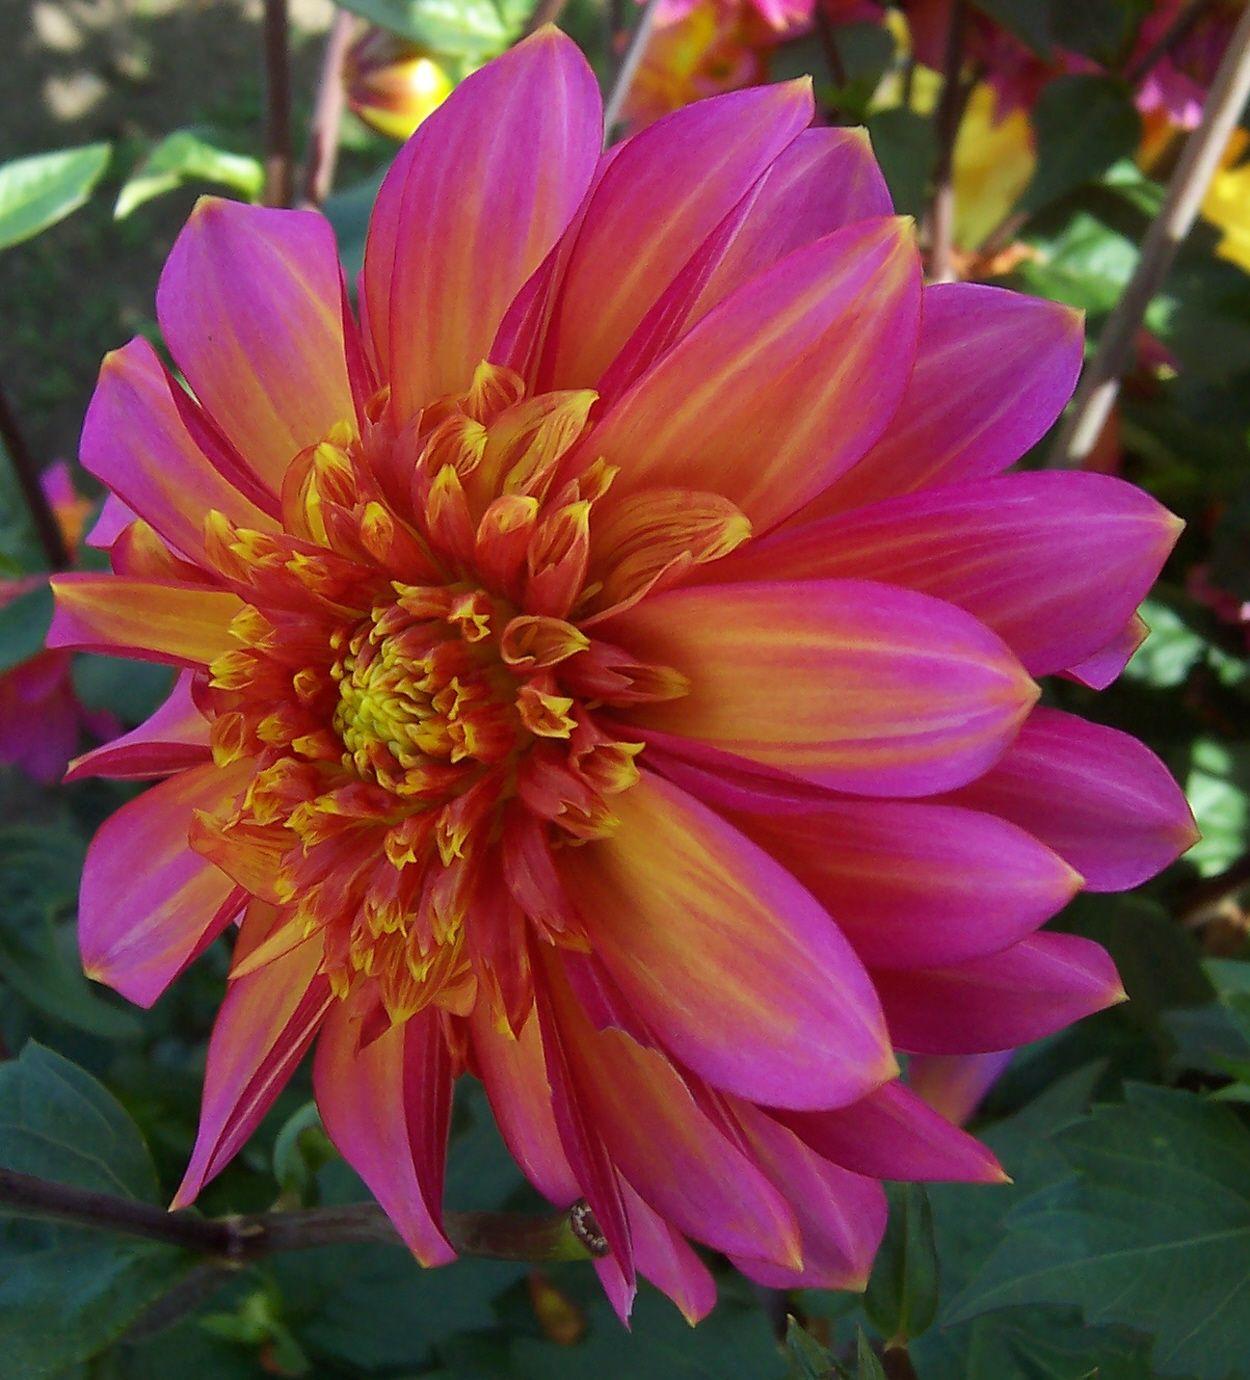 Dahlia Wannabe Dahlia Flower Amazing Flowers Planting Flowers